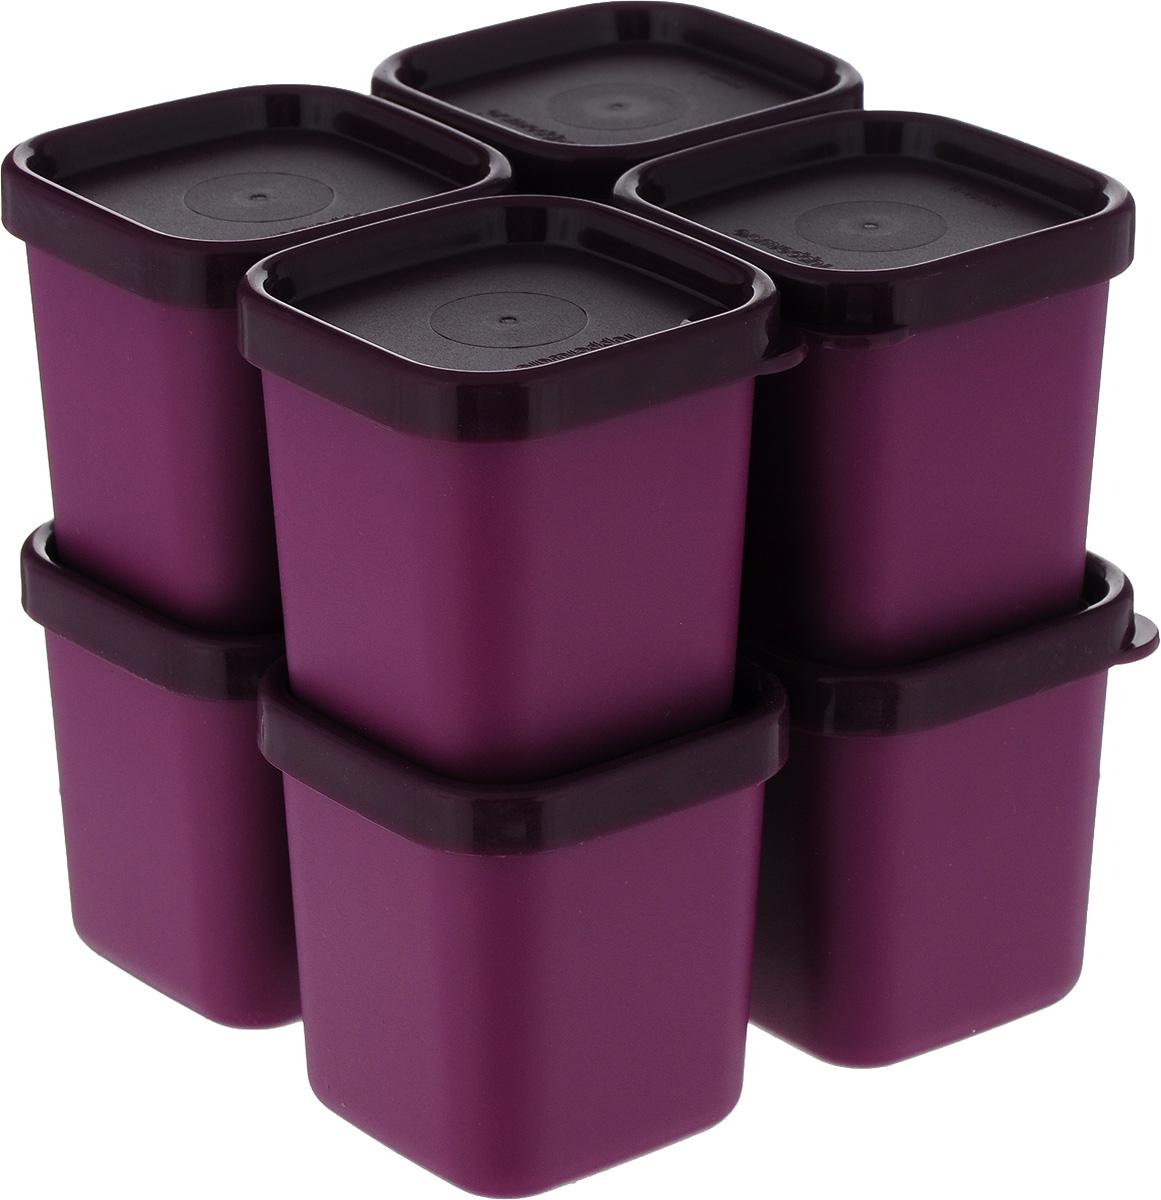 Набор контейнеров для СВЧ Tupperware МикроГурмэ 101, 80 мл, цвет: фуксия, 8 шт tupperware mini vacuum изоляция из нержавеющей стали 250 мл papaya orange